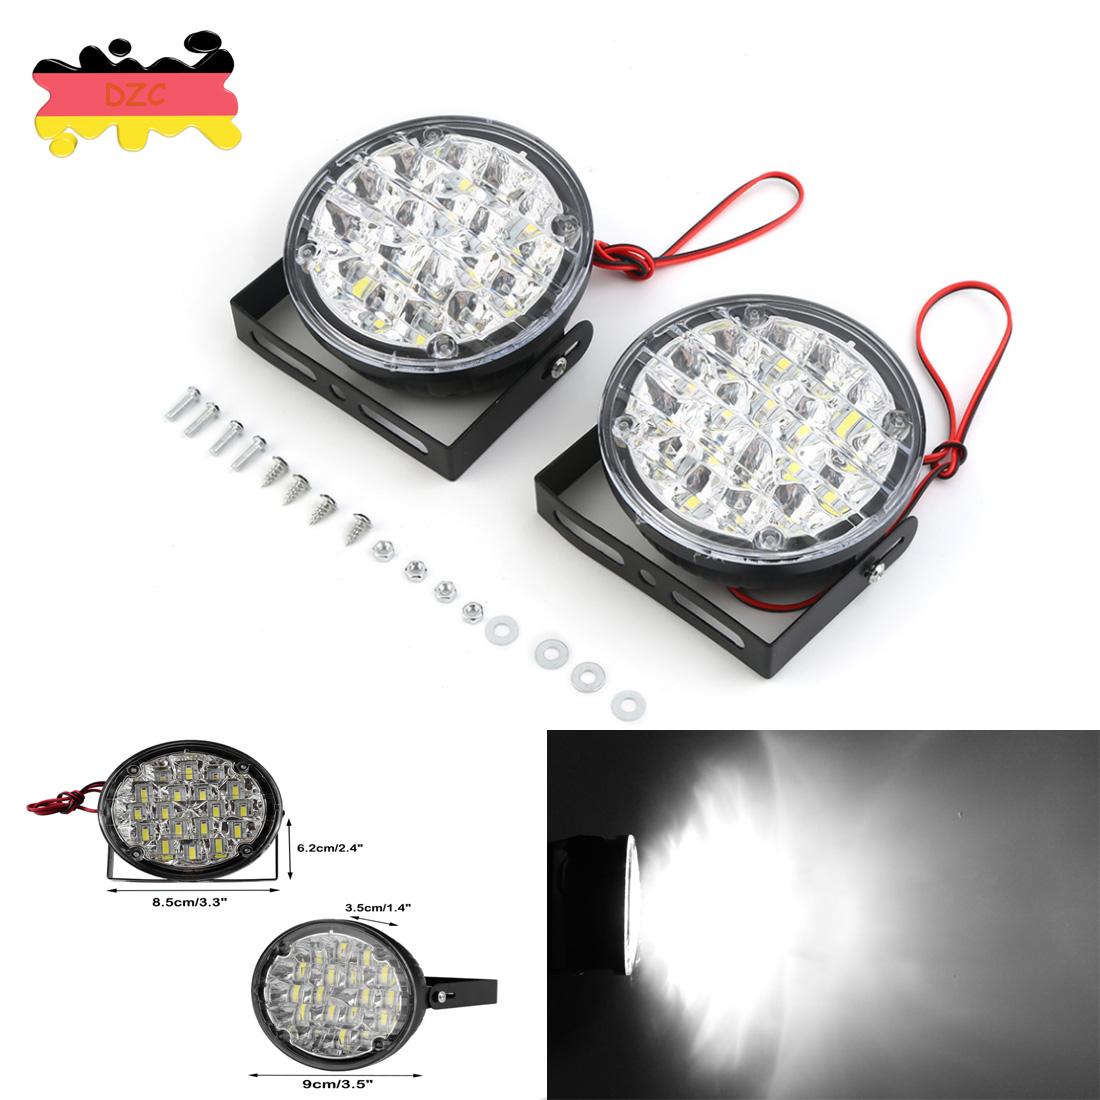 2 X Weiß 12V LED DRL Rund Tagfahrlicht Auto Heck Nebel Day Fernscheinwerfer